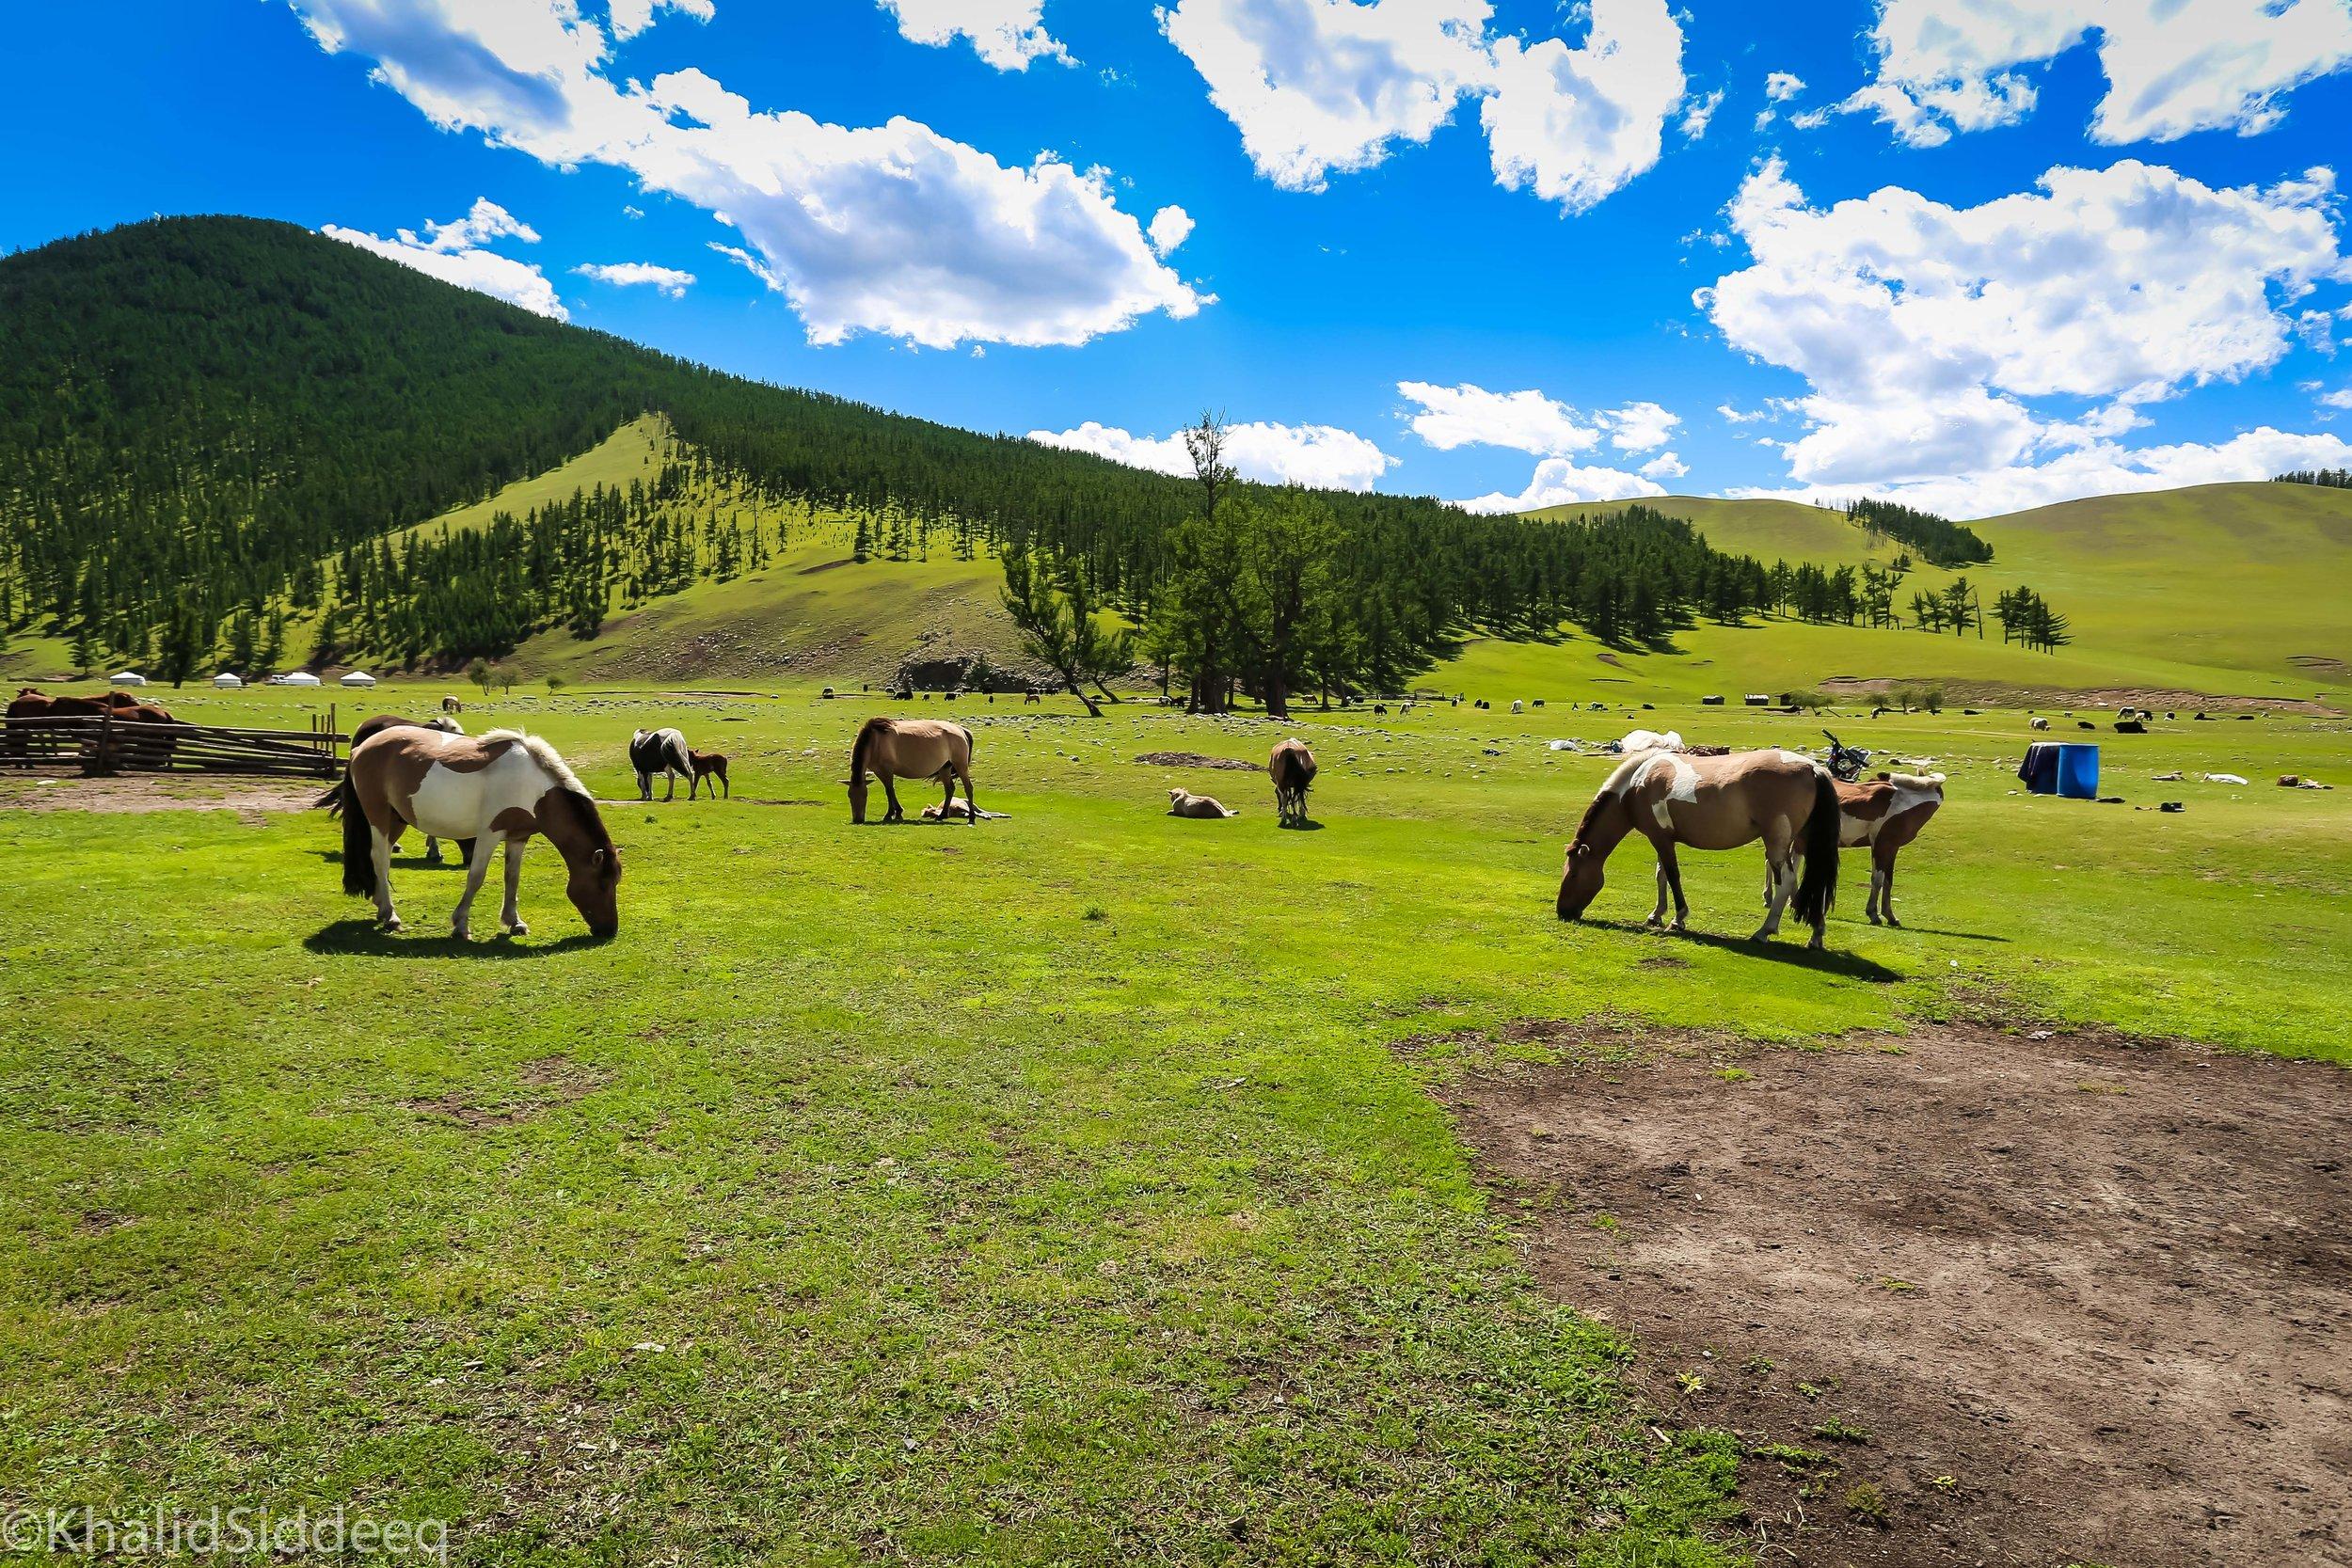 خيولهم شرسة - كما هو تاريخهم مليئ بالأحداث الشرسة الدامية، فإن خيولهم كذلك أيضاً، تعرف بقصر قامتها، وبأنها هي من تتولى زمام الأمور وليس من يمتطيها، كنت أرى خيولهم مزاجية، وسريعة الغضب.